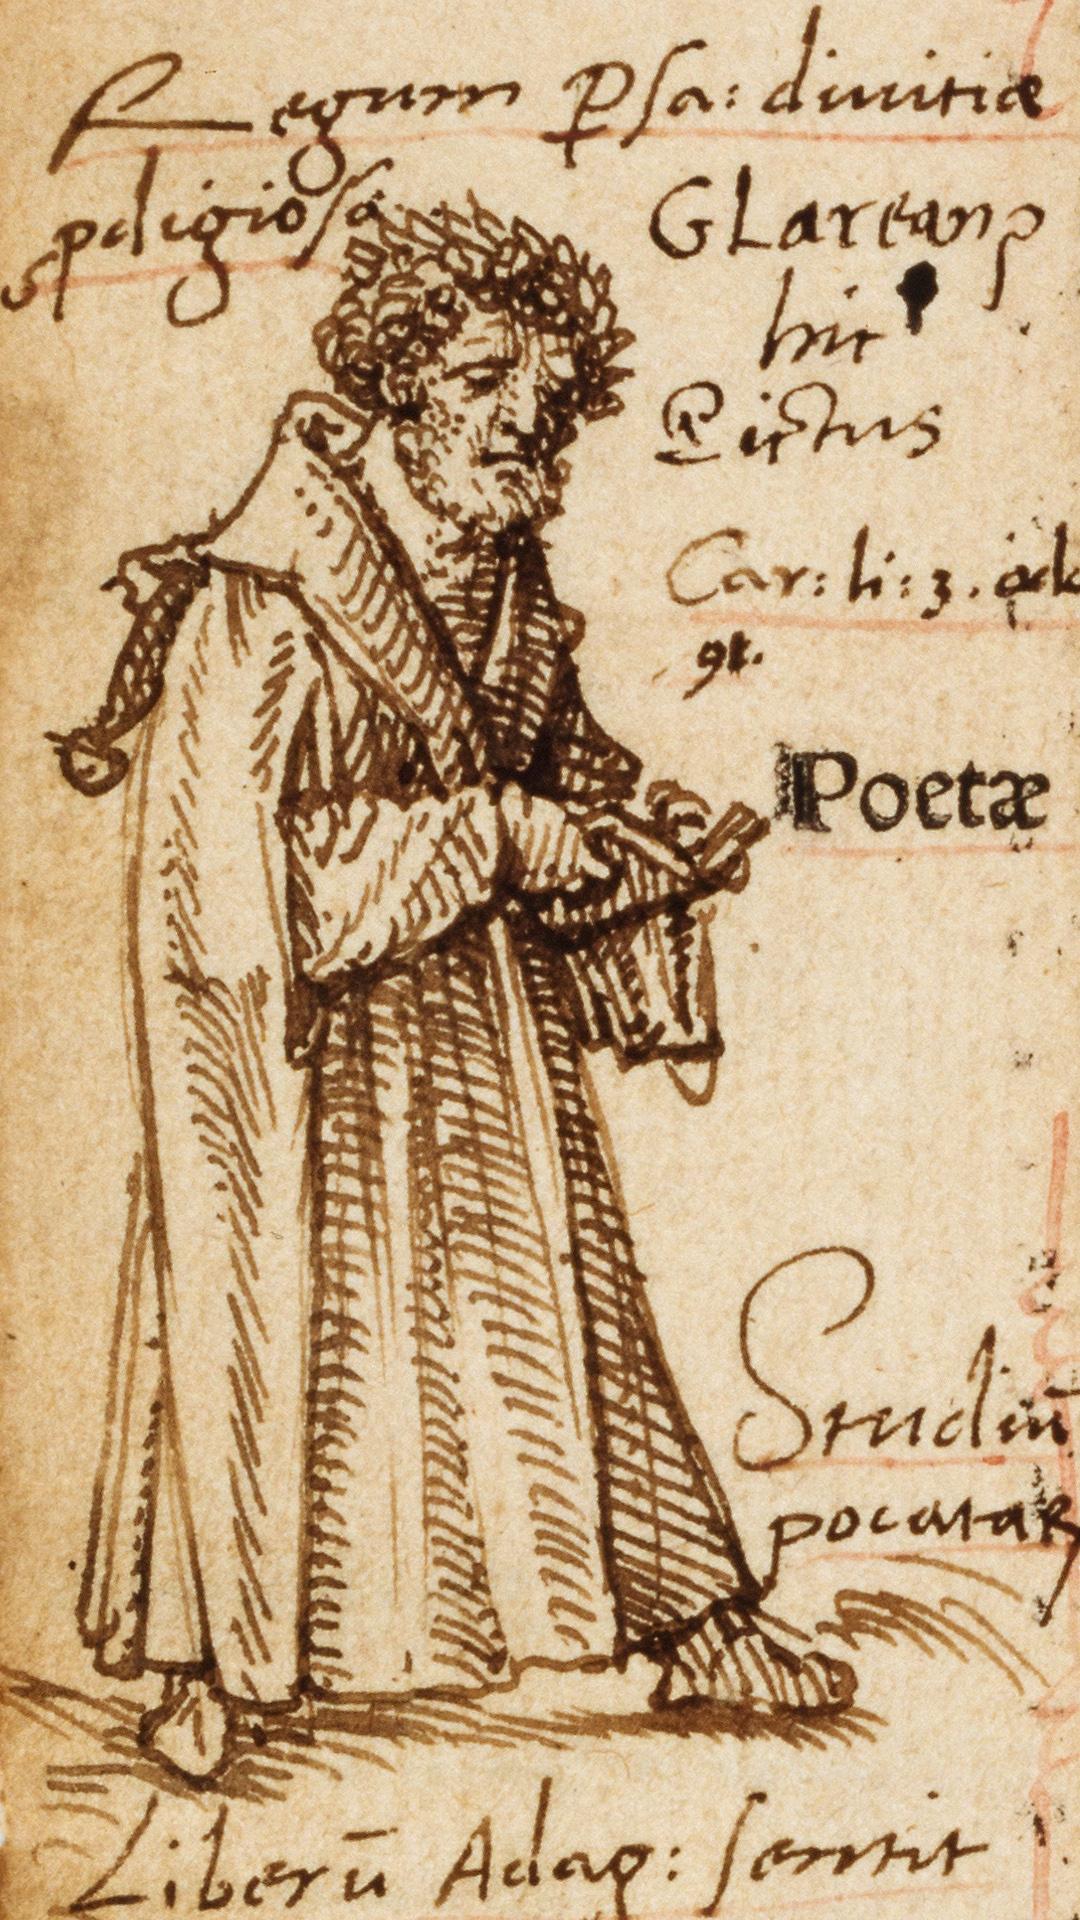 Glarean-Holbein, Henricus Glareanus